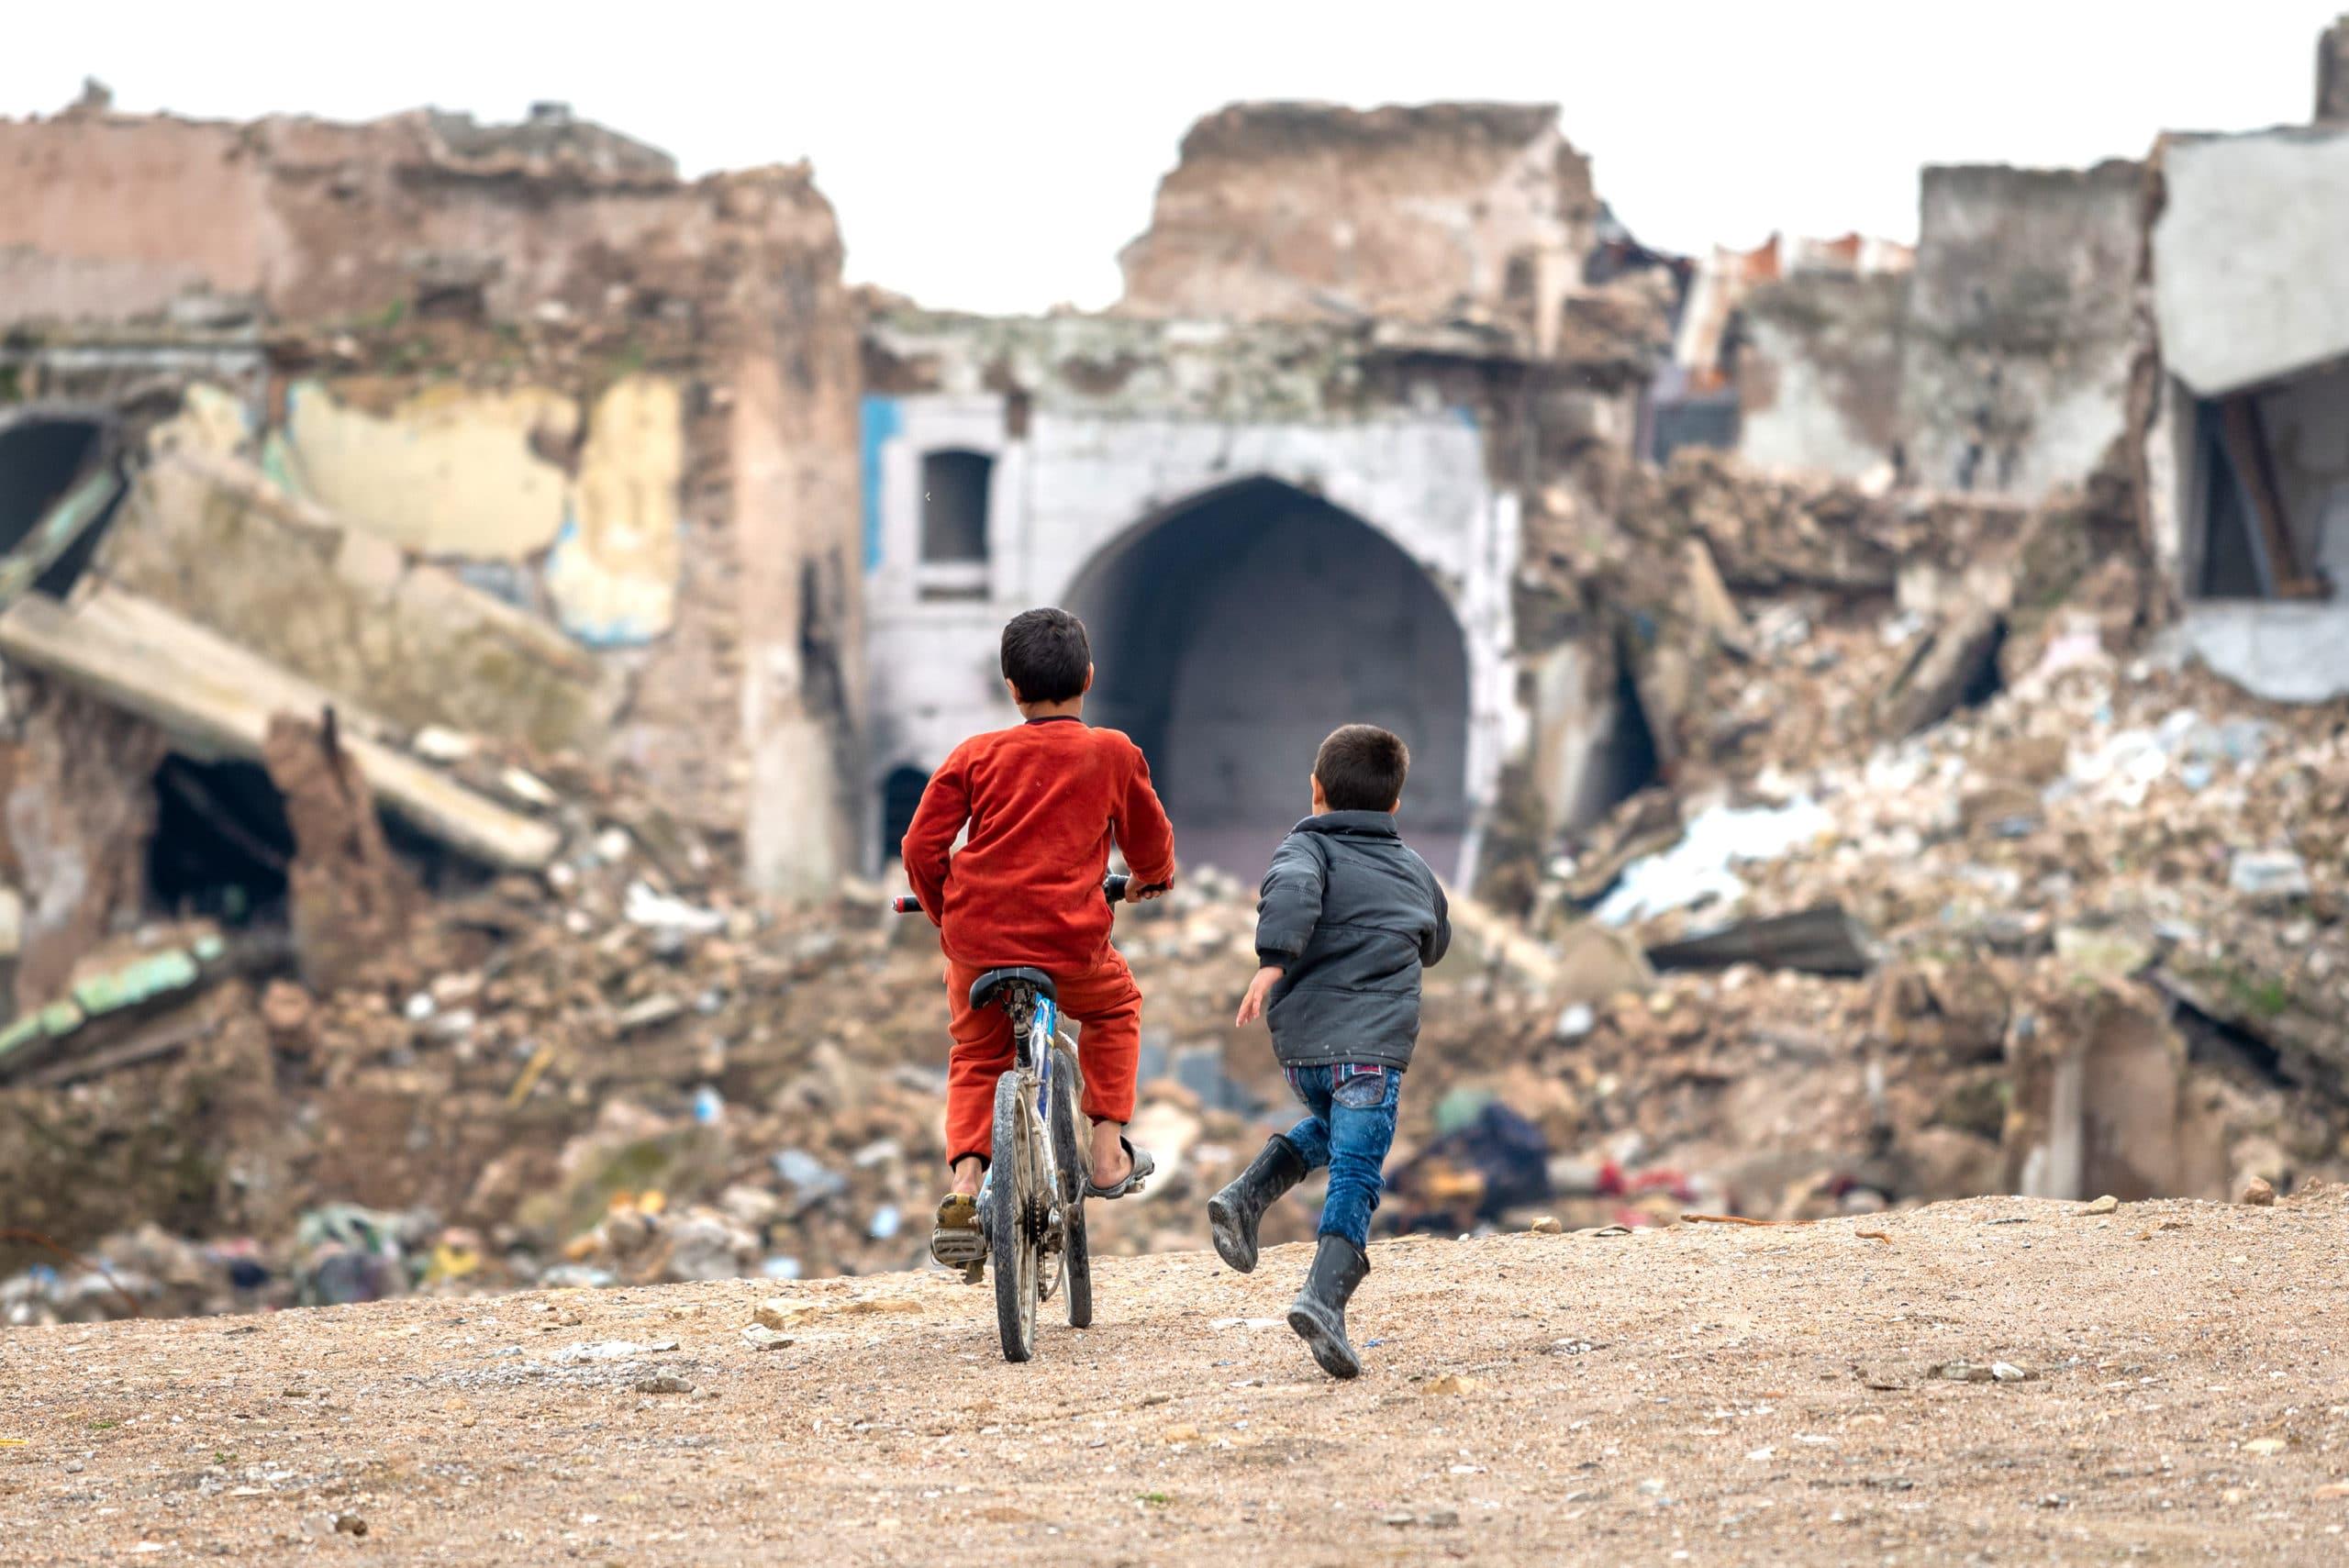 BARN I VERDEN - Barn i krig og konflikt 1